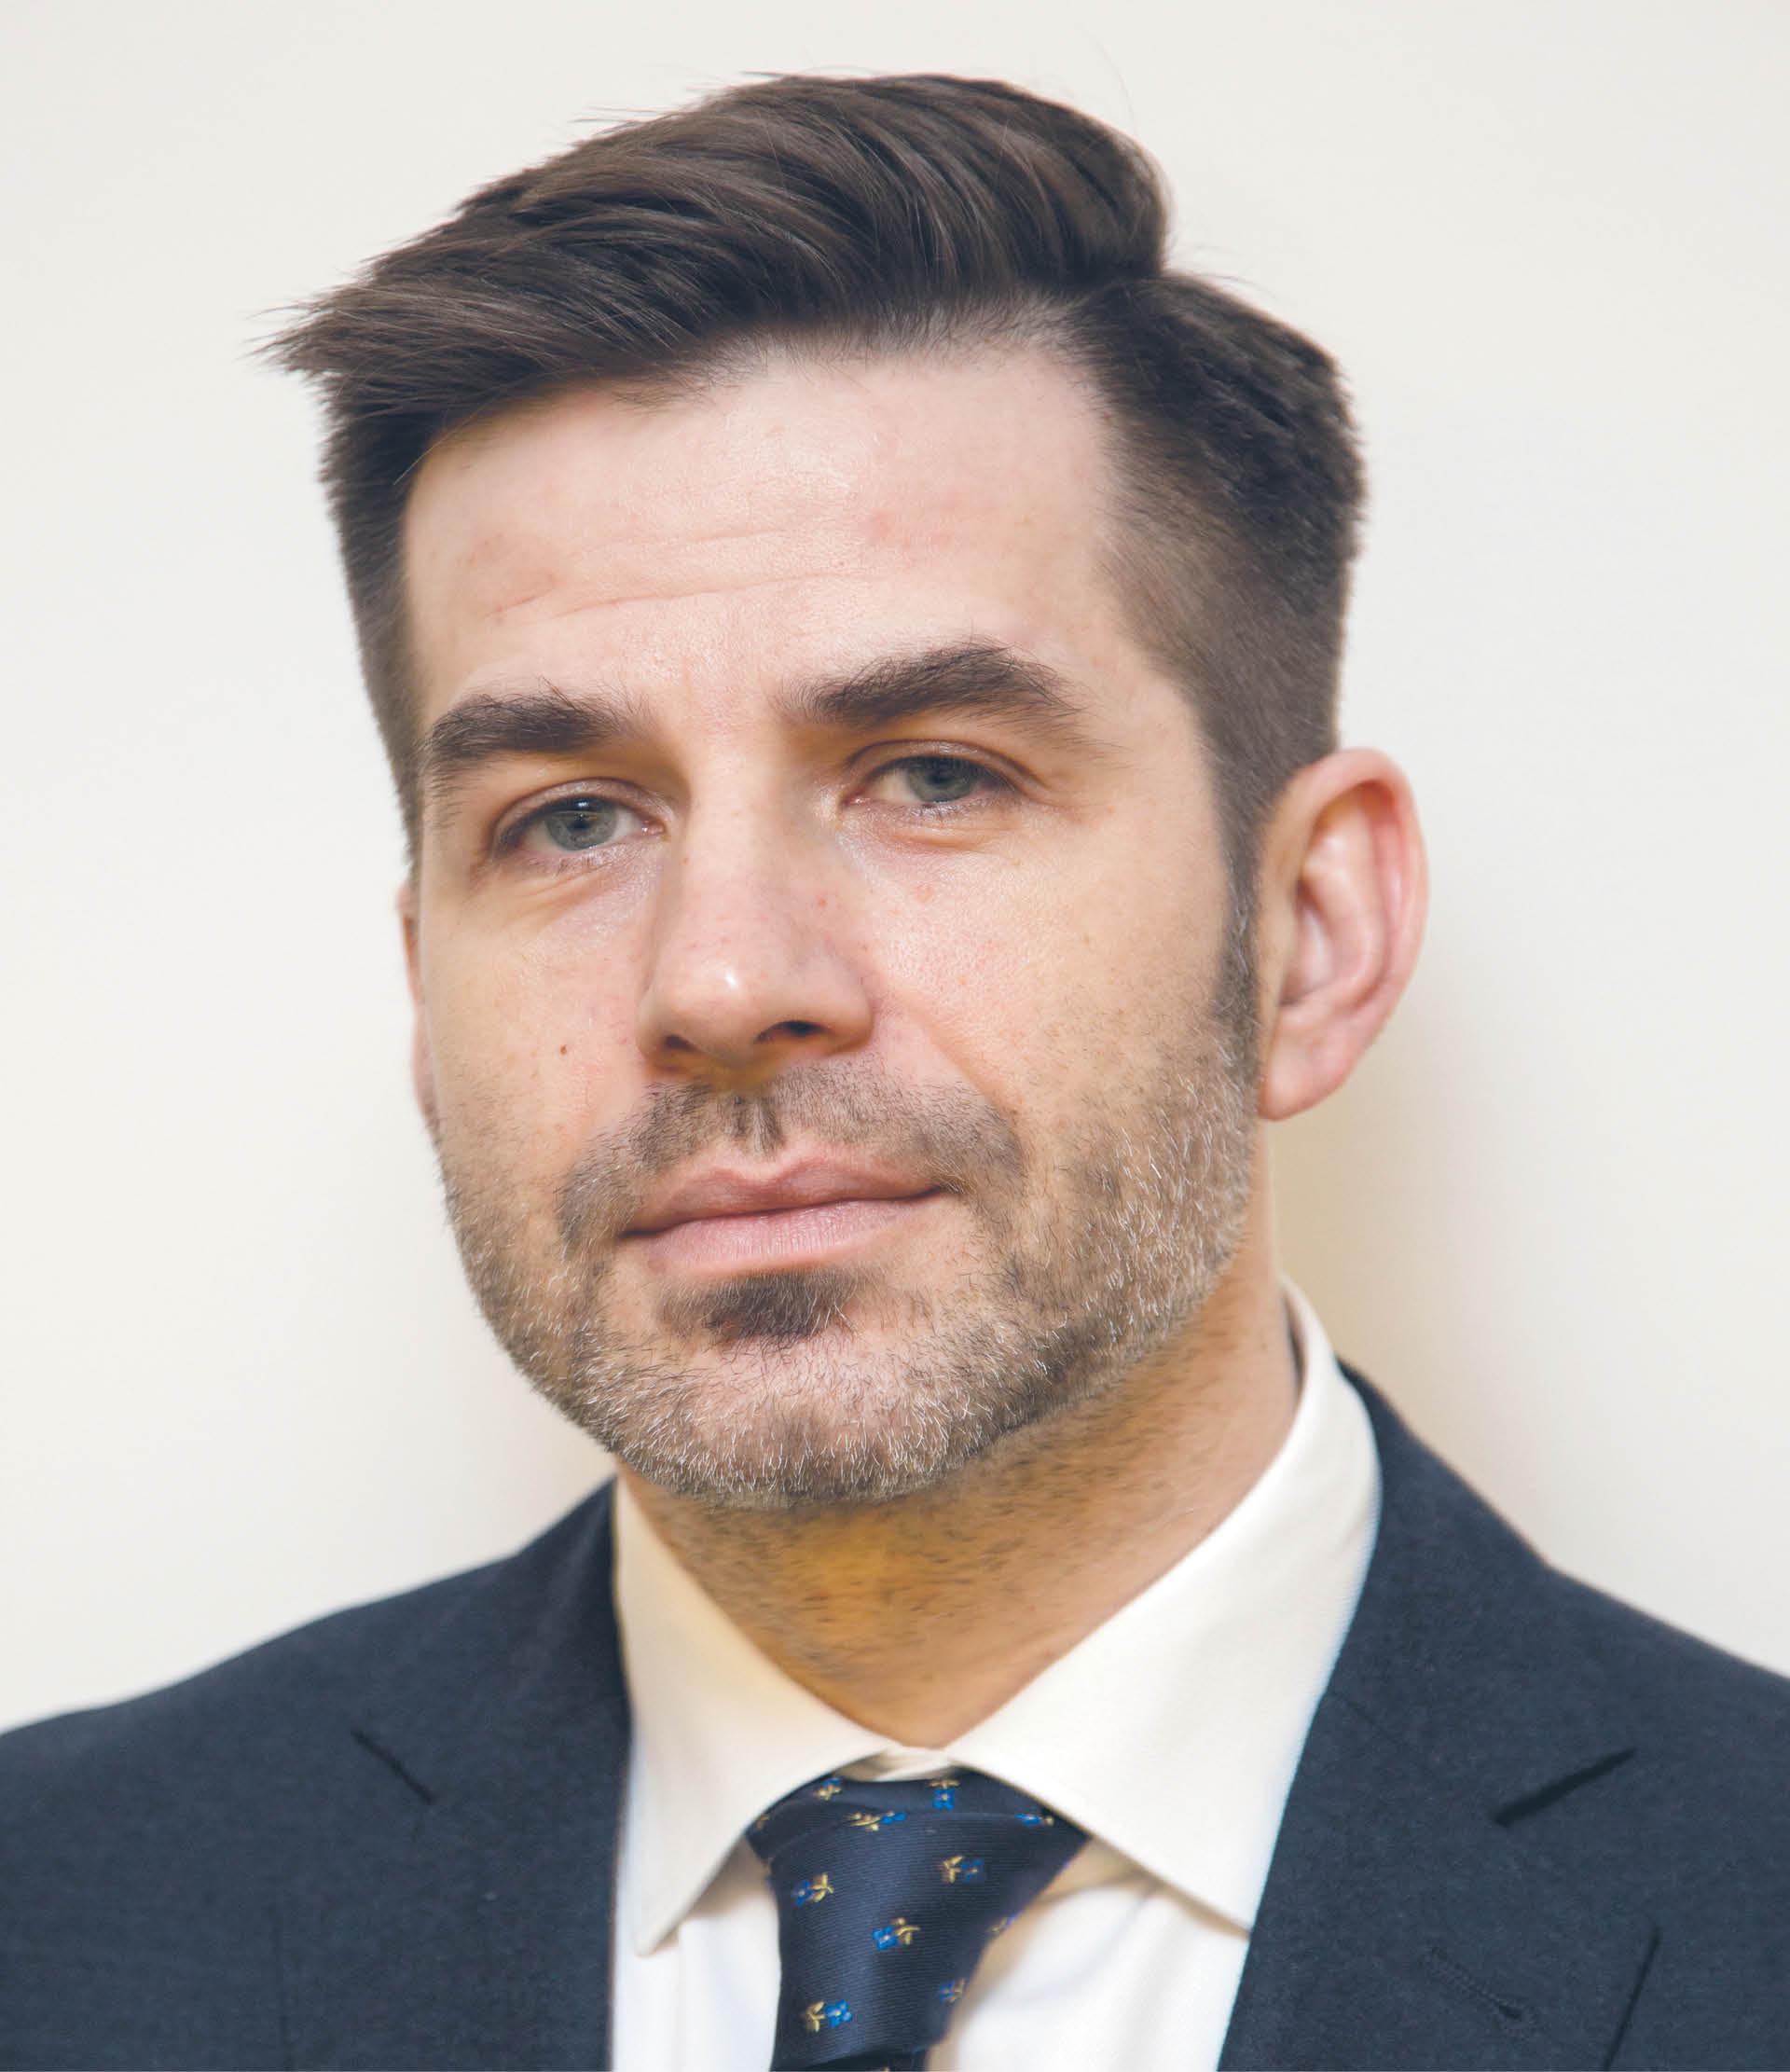 Piotr Drobek dyrektor Zespołu Strategii i Analiz w Urzędzie Ochrony Danych Osobowych